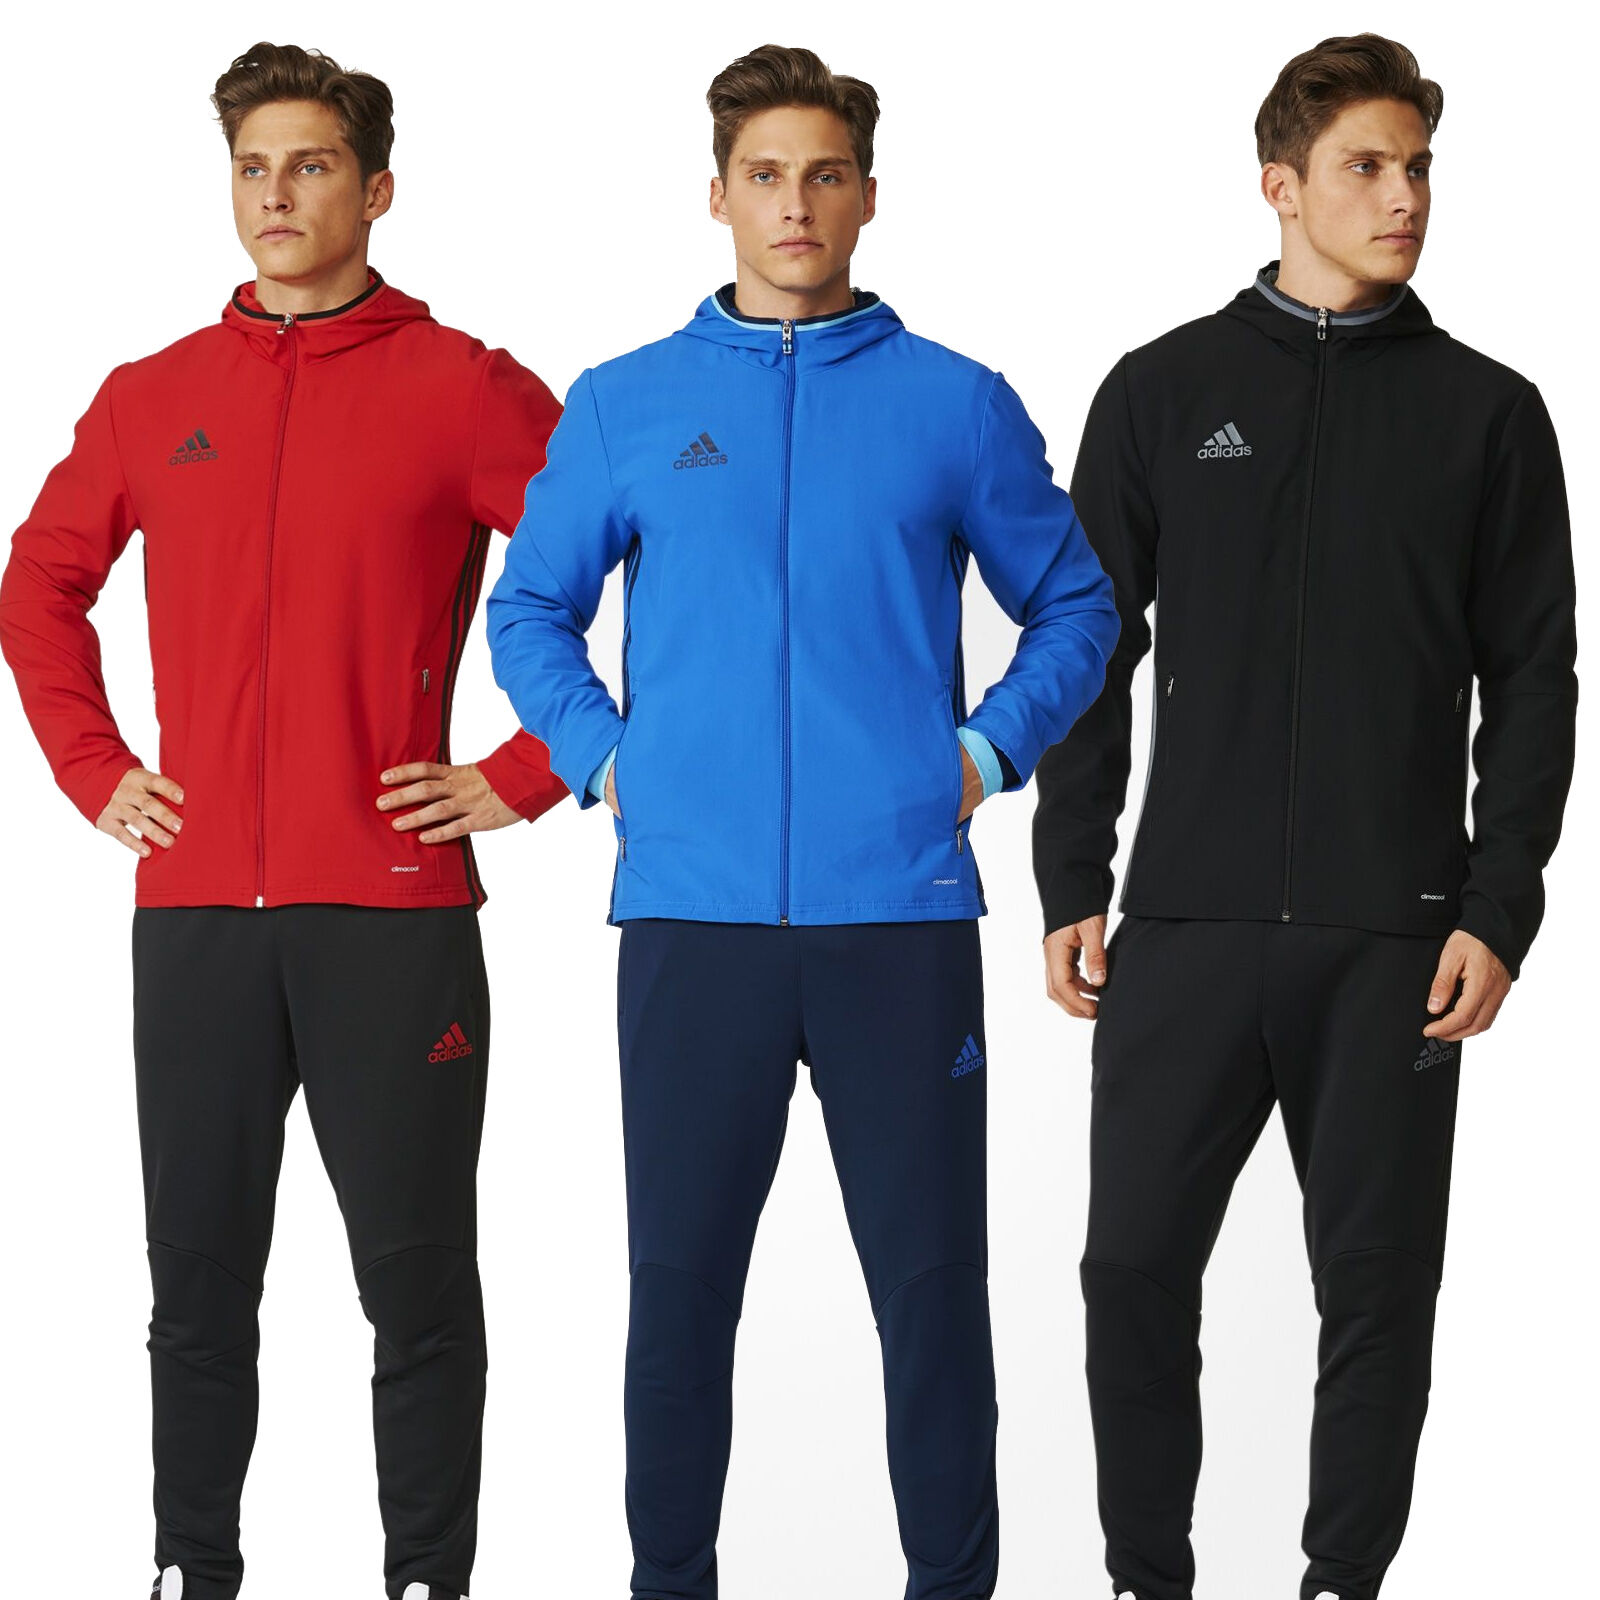 Adidas Condivo 16 SurvêteHommes t Présentation SurvêteHommes t Hommes Hommes t 3 Stripe Neuf 9d53e5